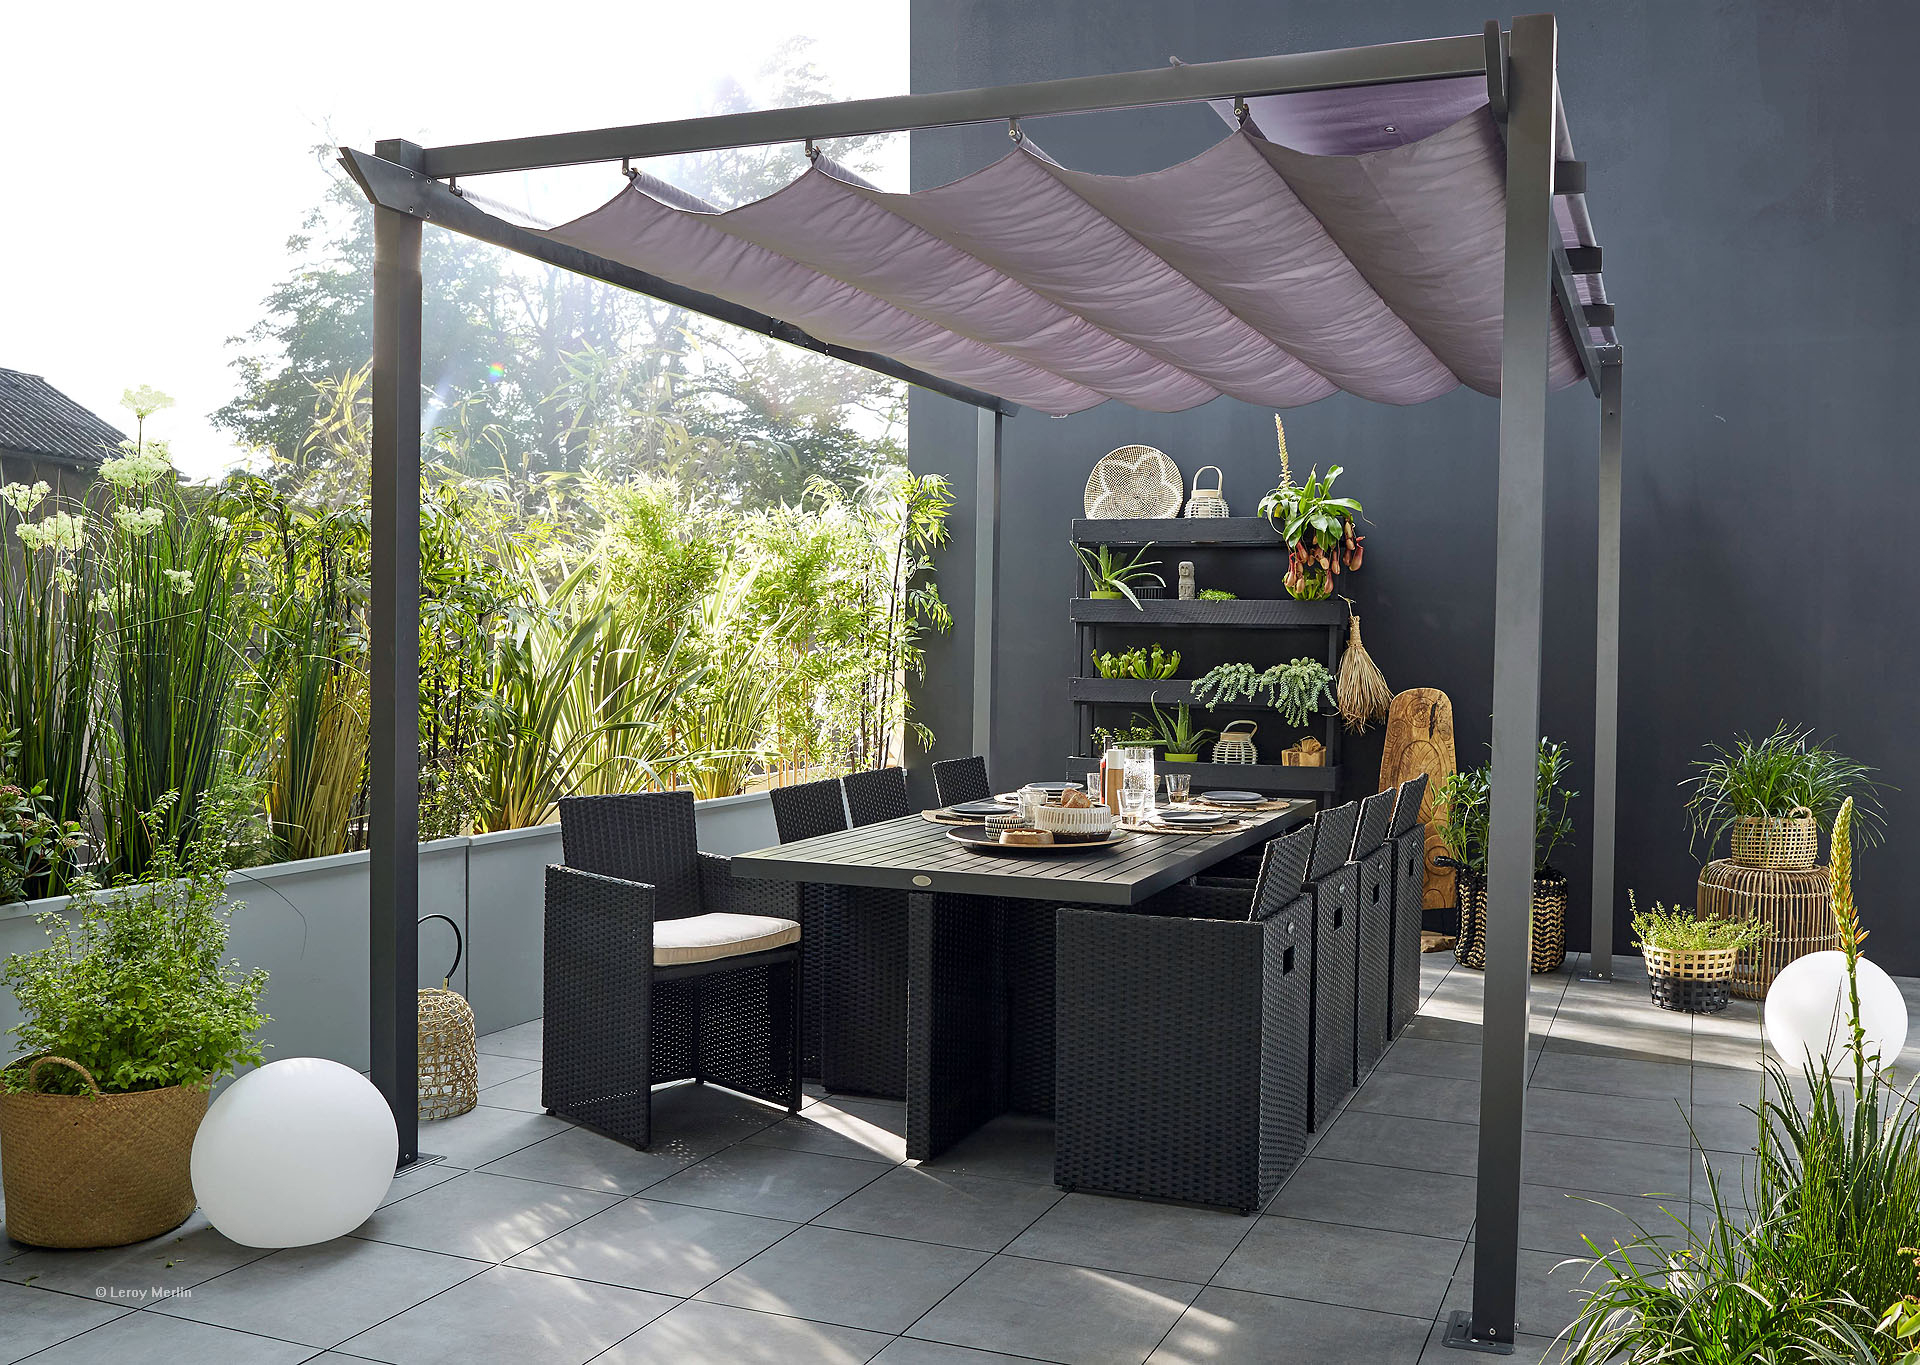 Comment Installer Des Plantes En Bac Sur Sa Terrasse tout Comment Aménager Un Petit Jardin